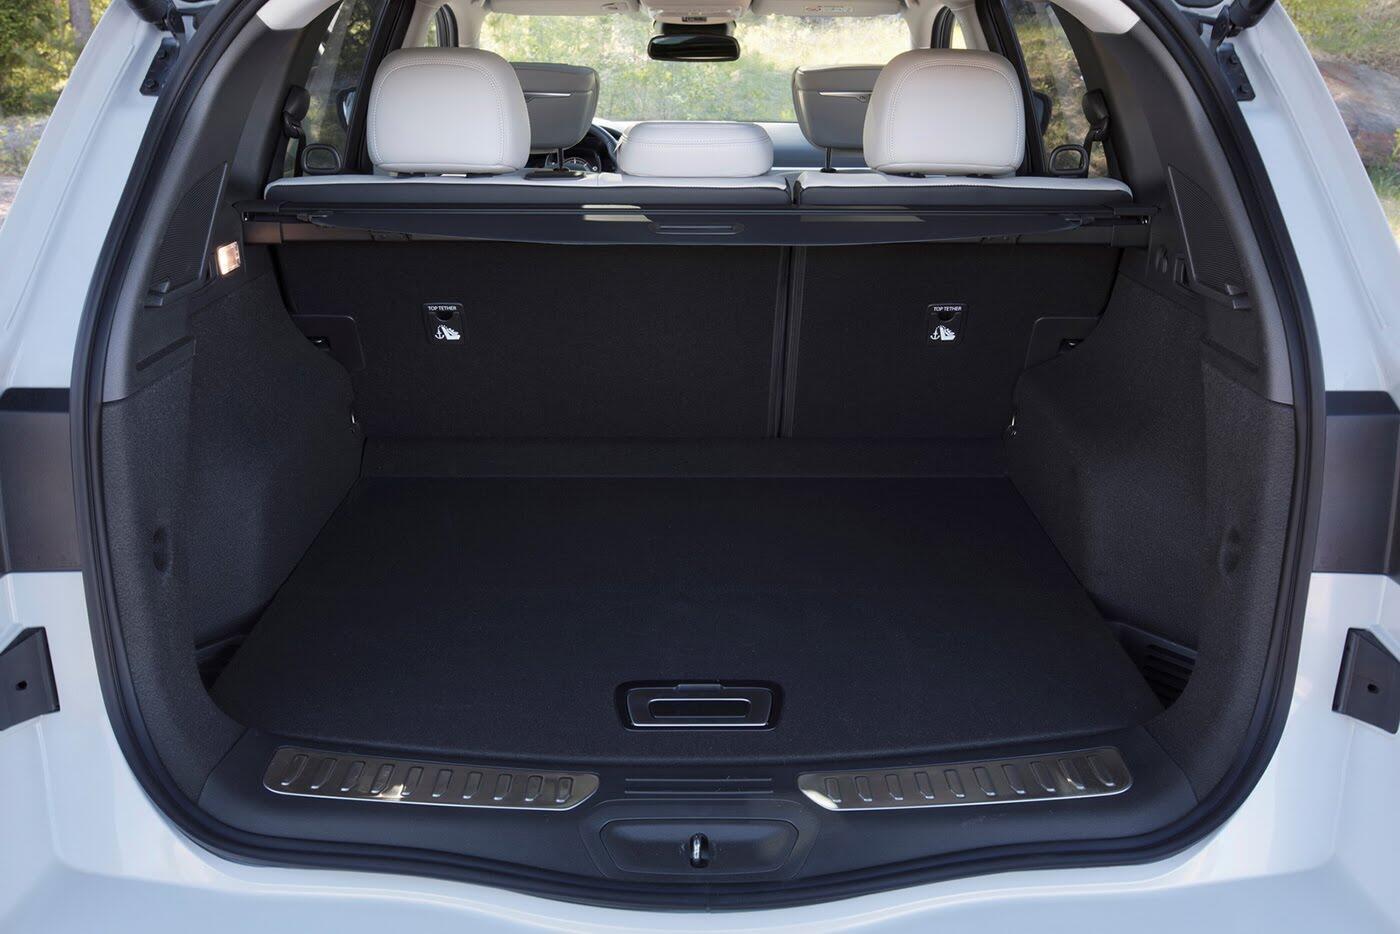 Xem thêm ảnh Renault Koleos 2017 - Hình 22